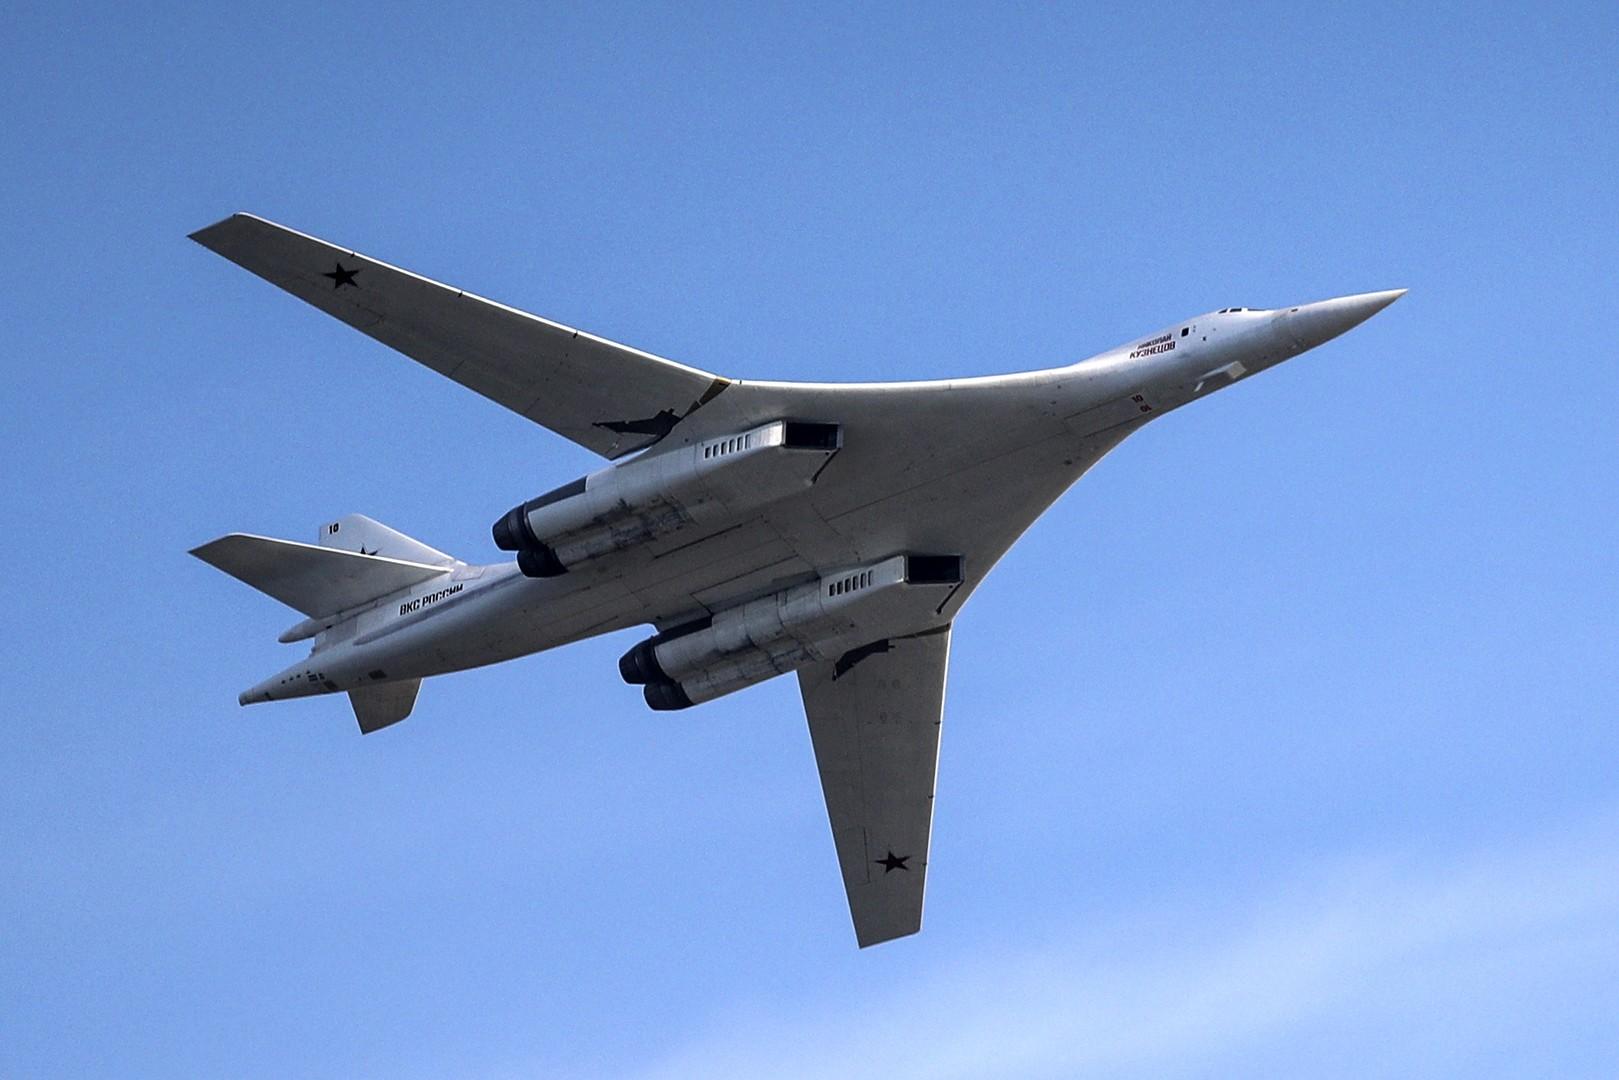 روسيا تعرض على السعودية العمل على مشروع تصميم طائرة فوق صوتية